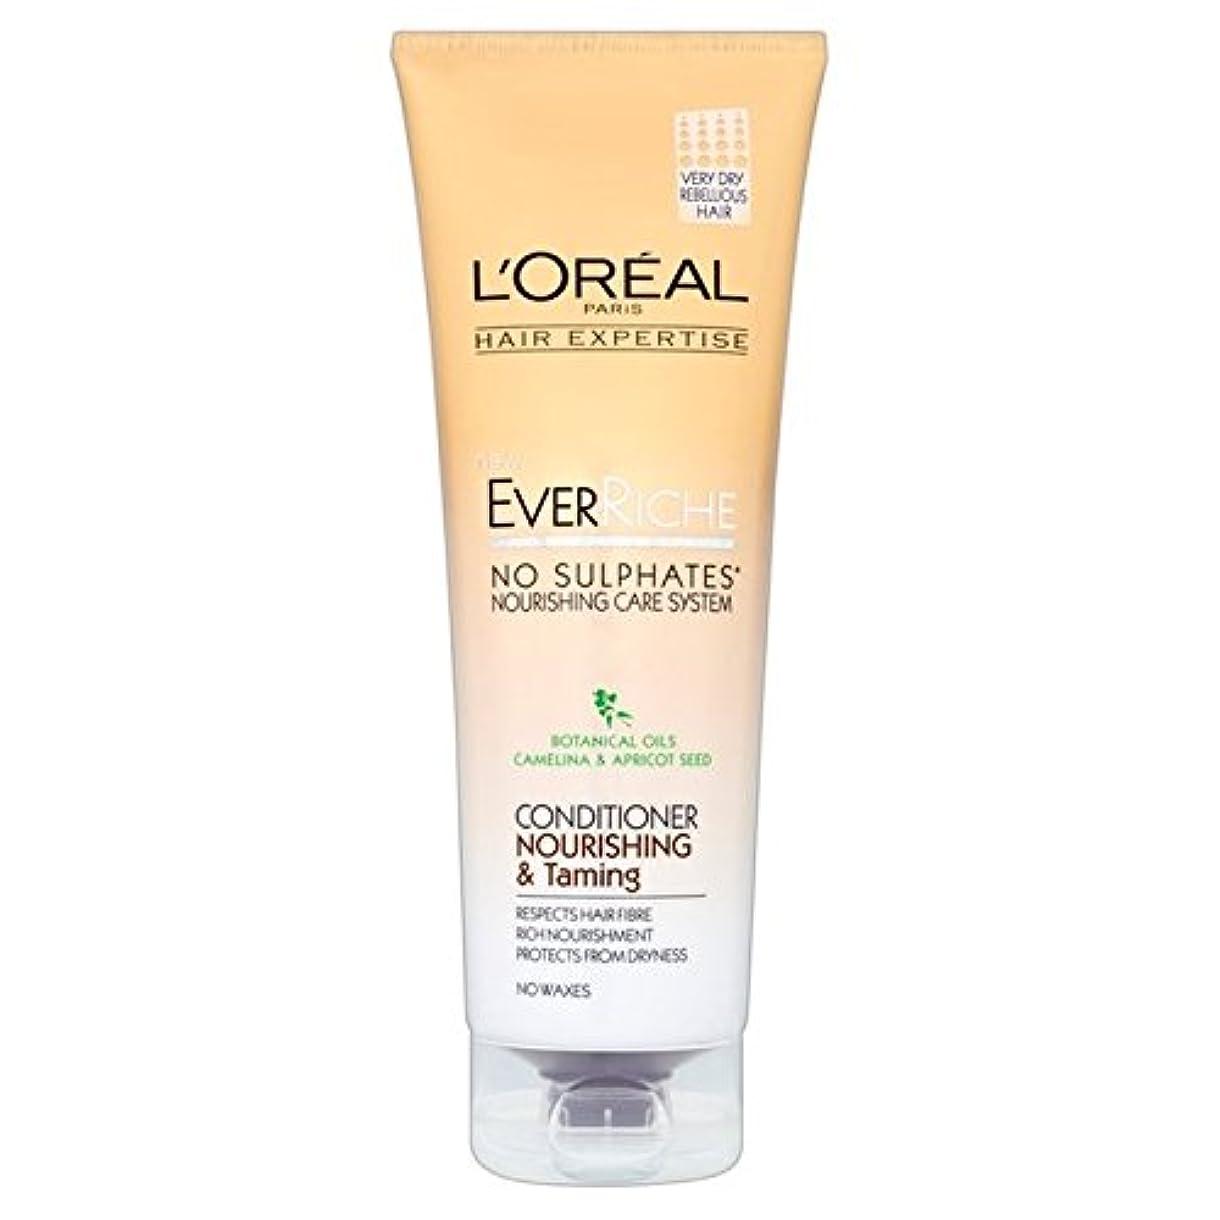 ロレアルの髪の専門知識、これまでリッシュコンディショナーヌール&調教250ミリリットル x4 - L'Oreal Hair Expertise Ever Riche Conditioner Nour & Taming 250ml...